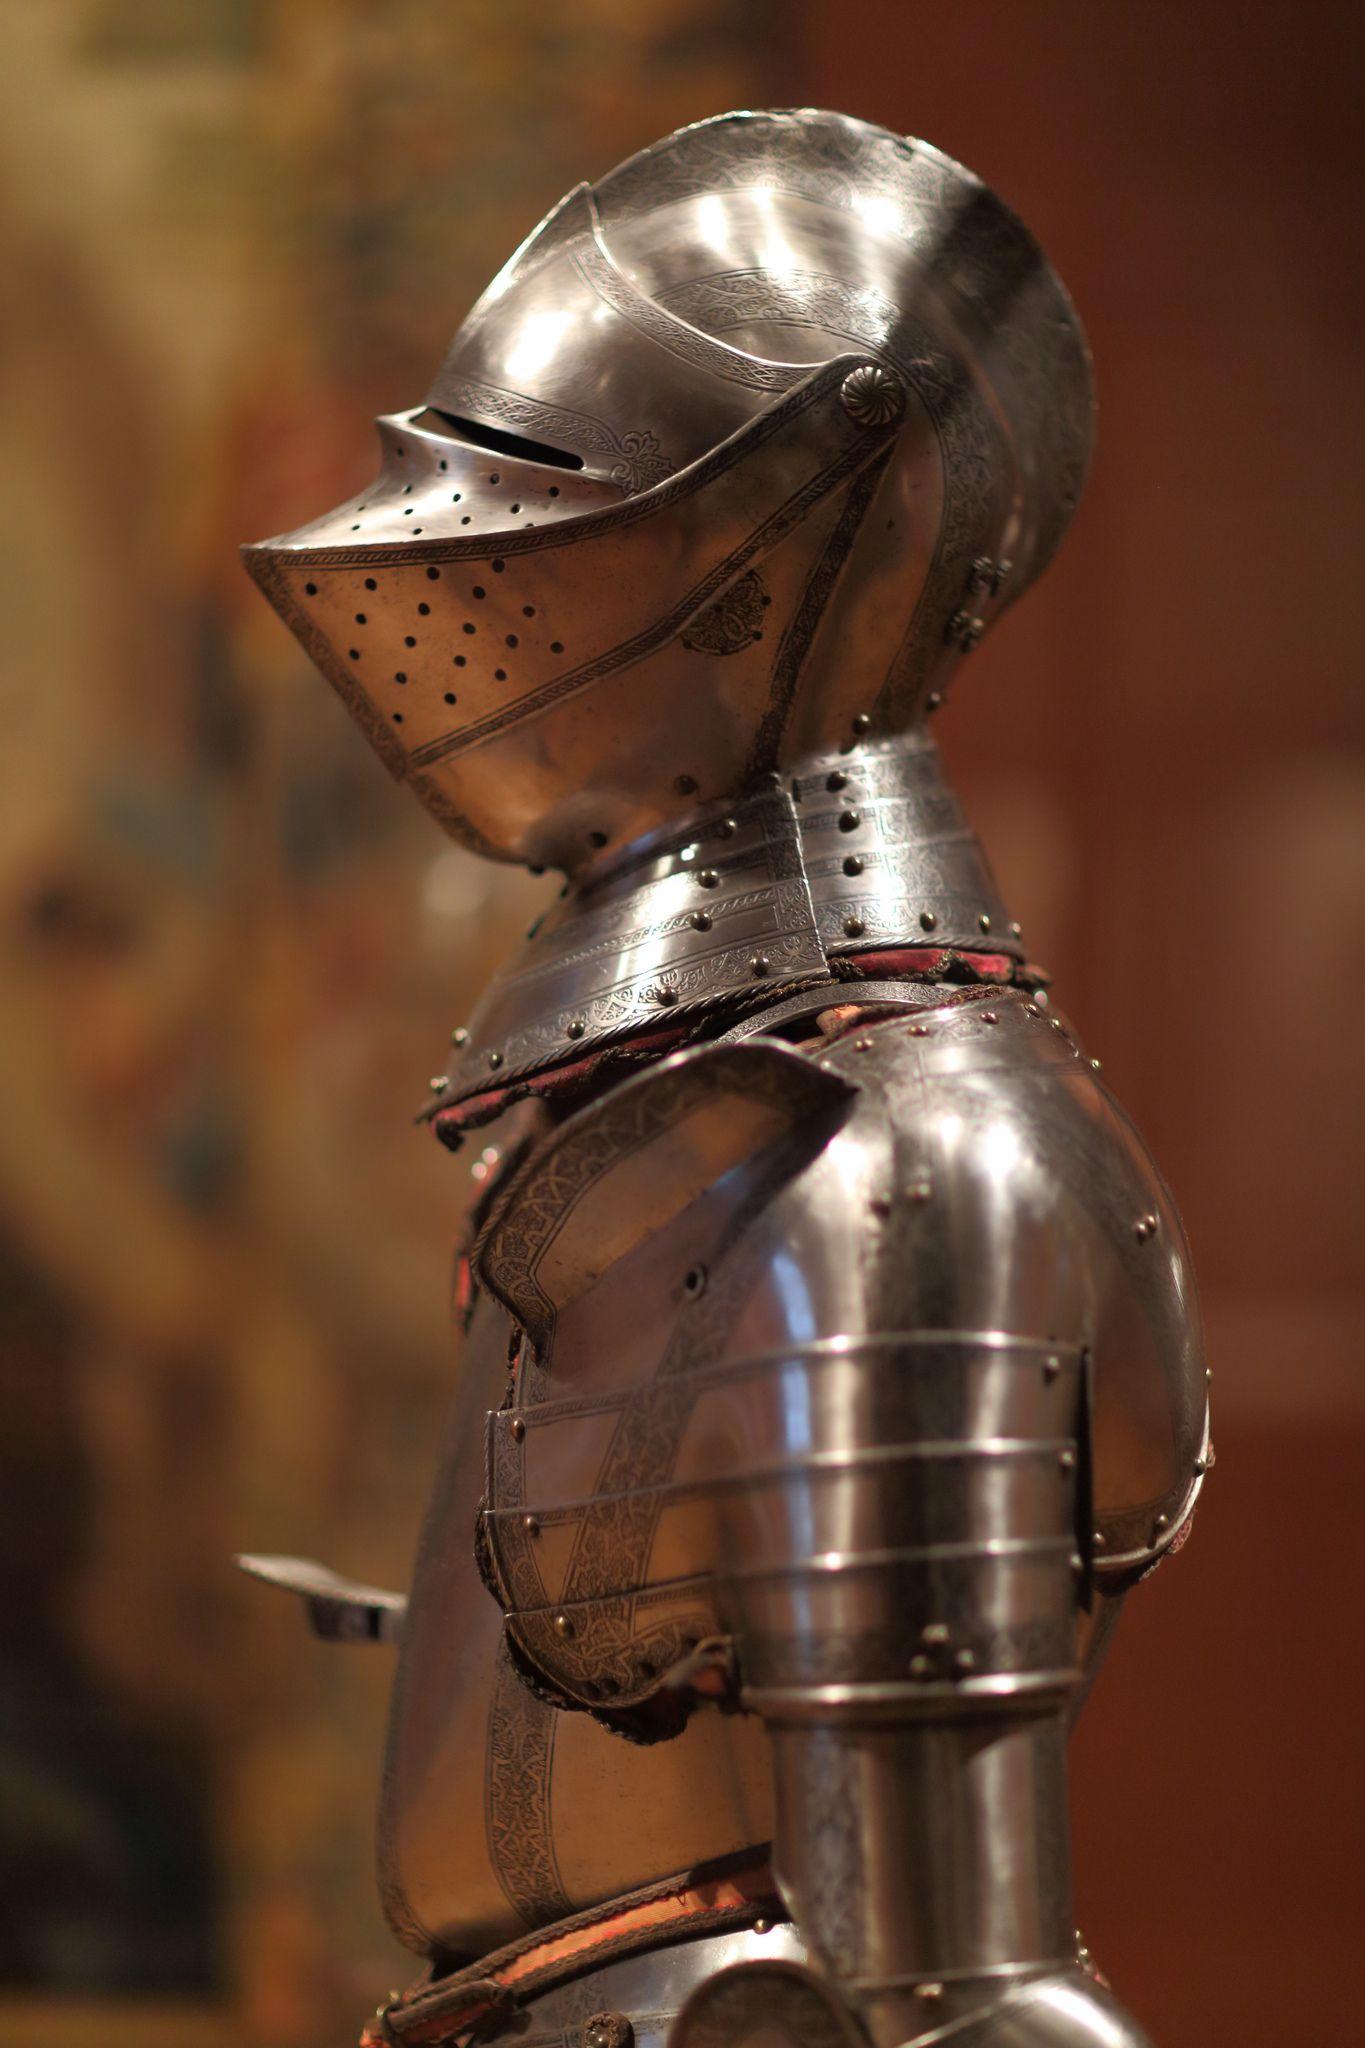 доспехи средневекового рыцаря фото всему миру немецкая